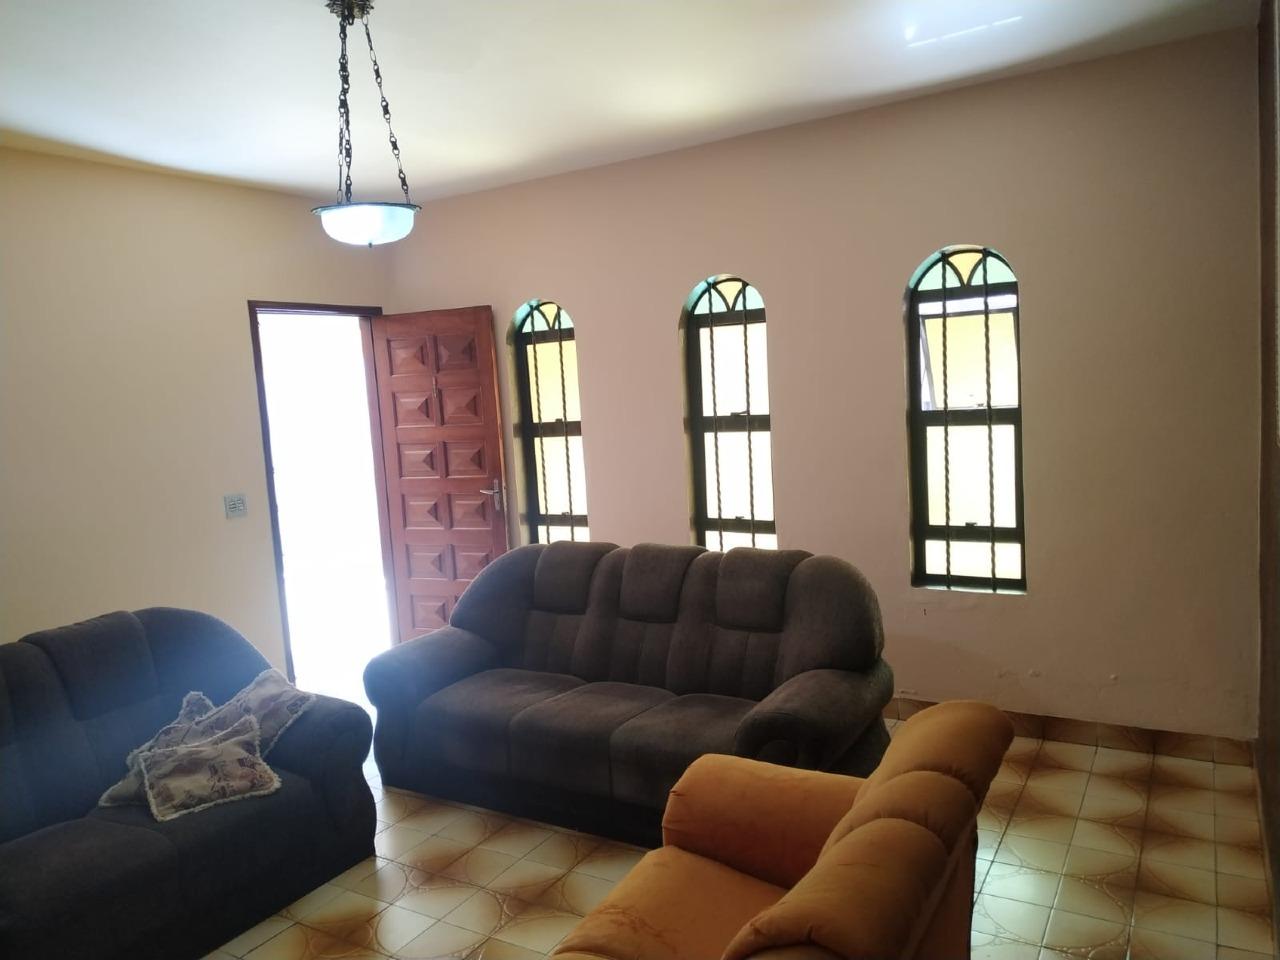 Casa para alugar, 4 quartos, 4 vagas, no bairro Jardim São Cristóvão II em Rio das Pedras - SP